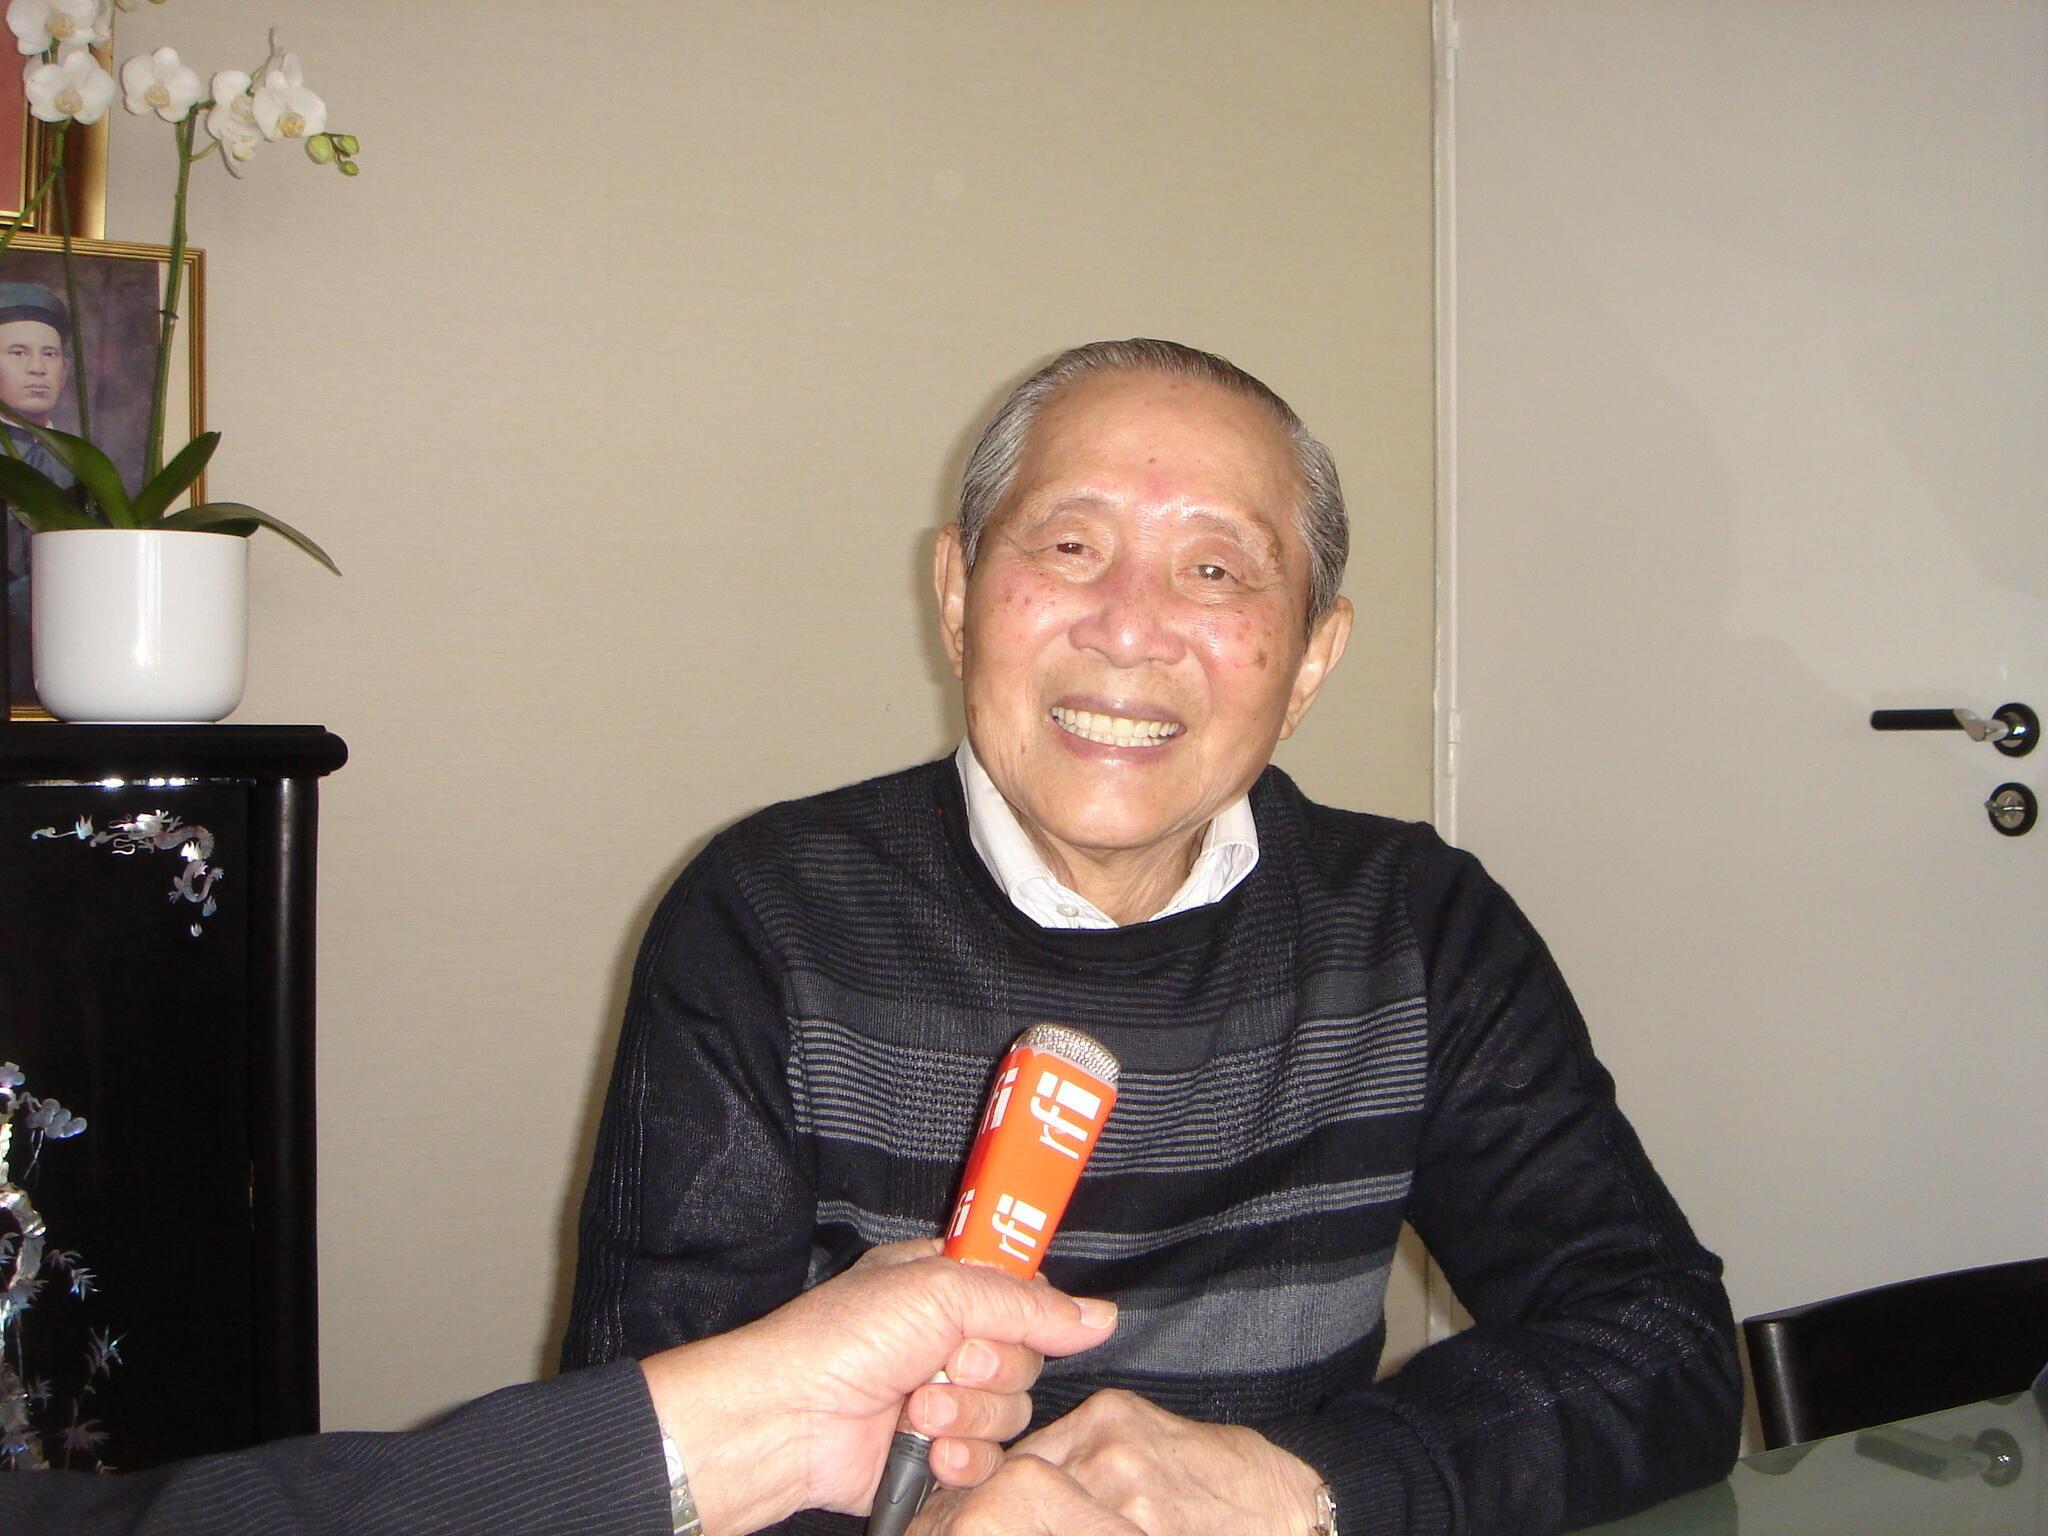 Giáo sư Vũ Quốc Thúc trả lời phỏng vấn RFI ngày 08/03/2012.